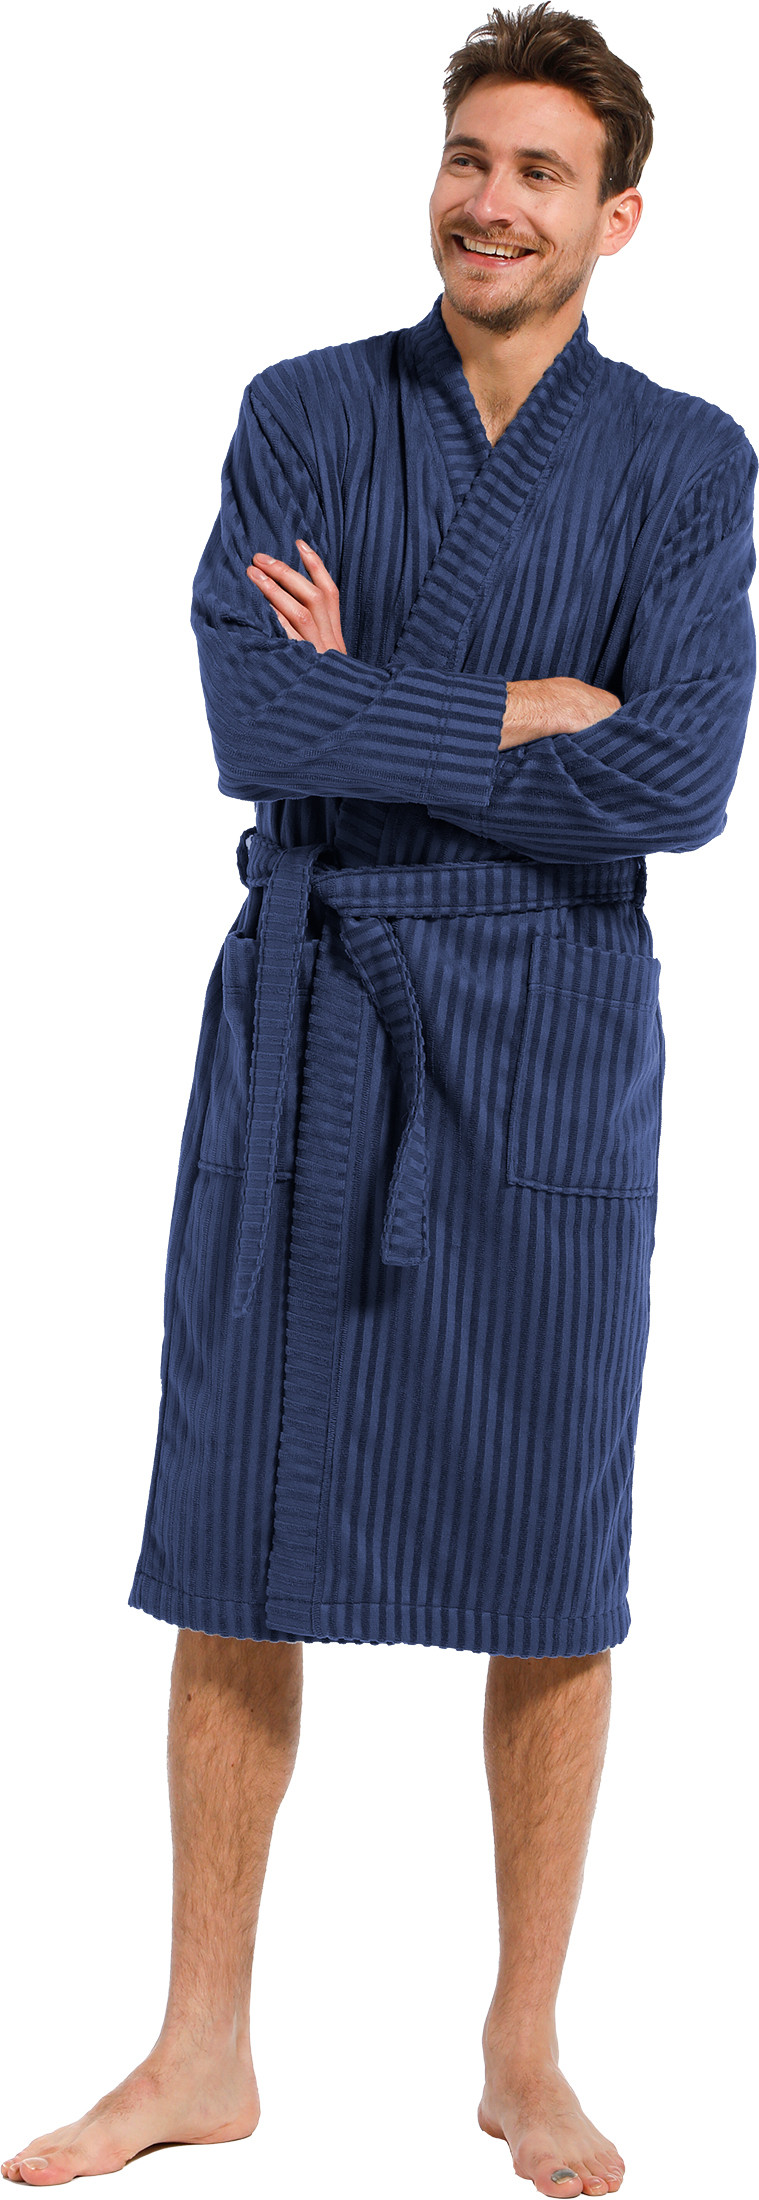 Heren badjas bamboe Pastunette 7399-651-1 donker blauw-M/50